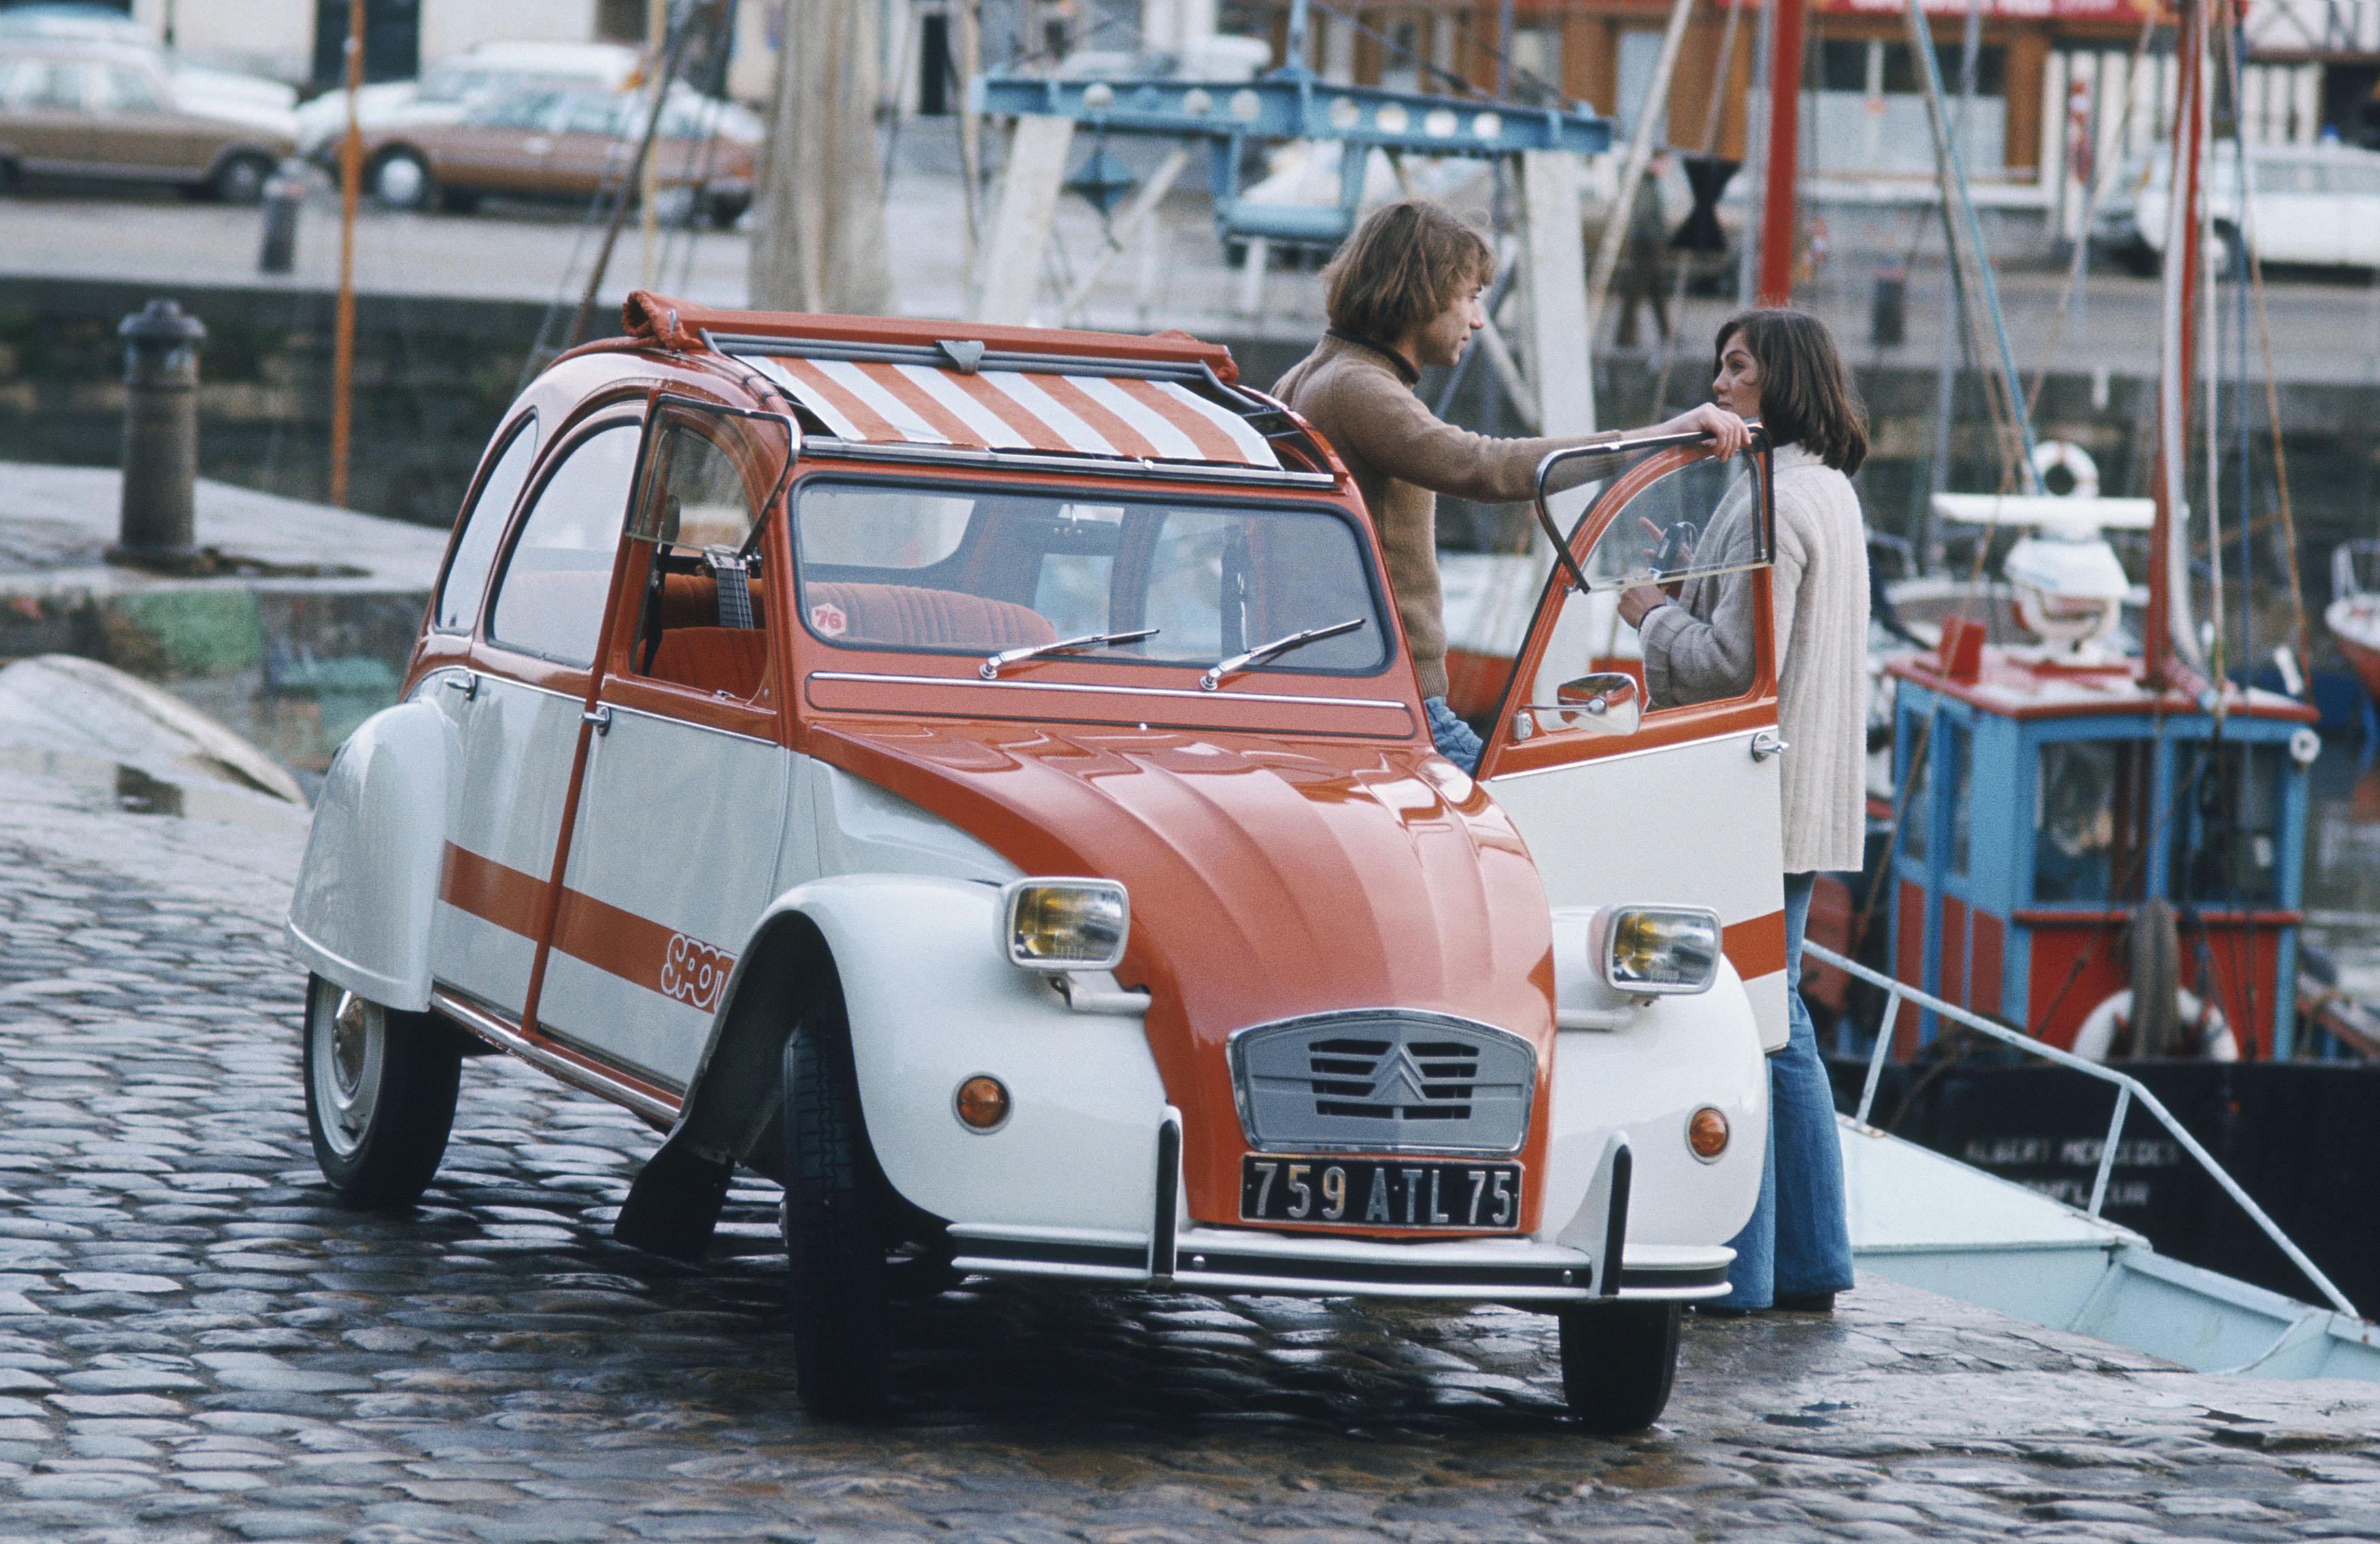 Immagini della brochure Citroën 2CV Spot - Immagine da 2cv-legende.com